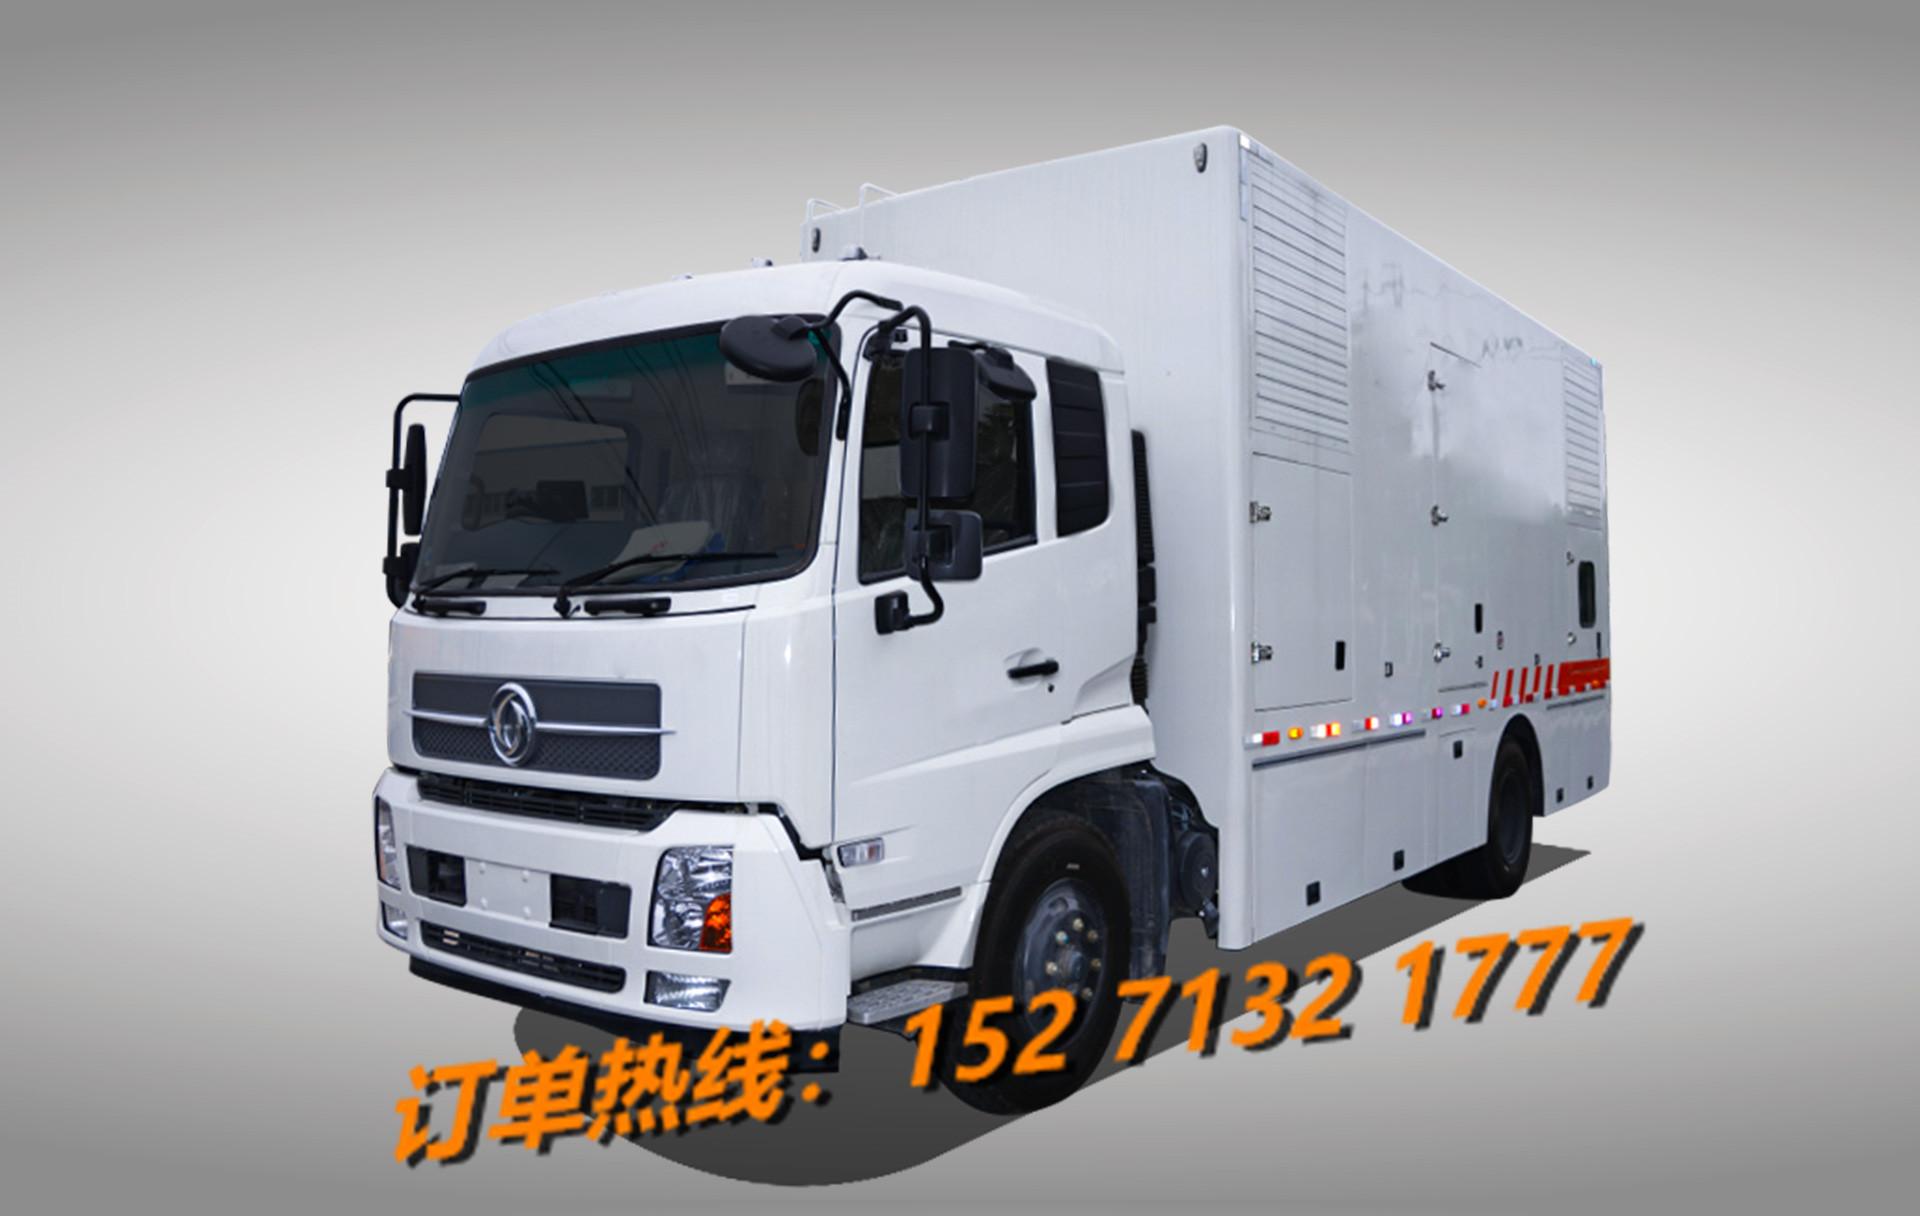 东风天锦电源车销售15271321777 (3)